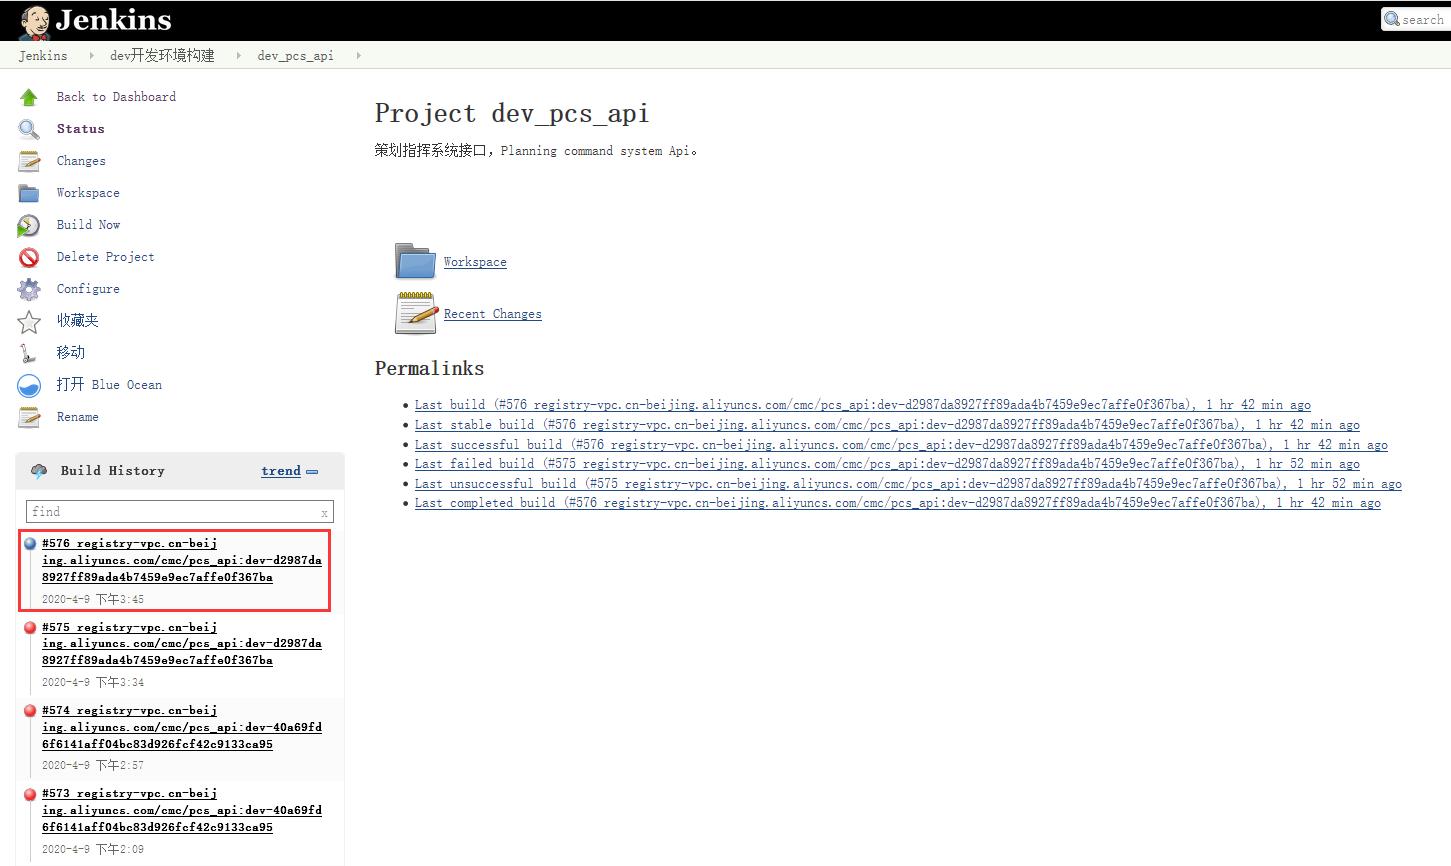 联系运维在 Registry 上新建 pcs_api 后,构建成功。